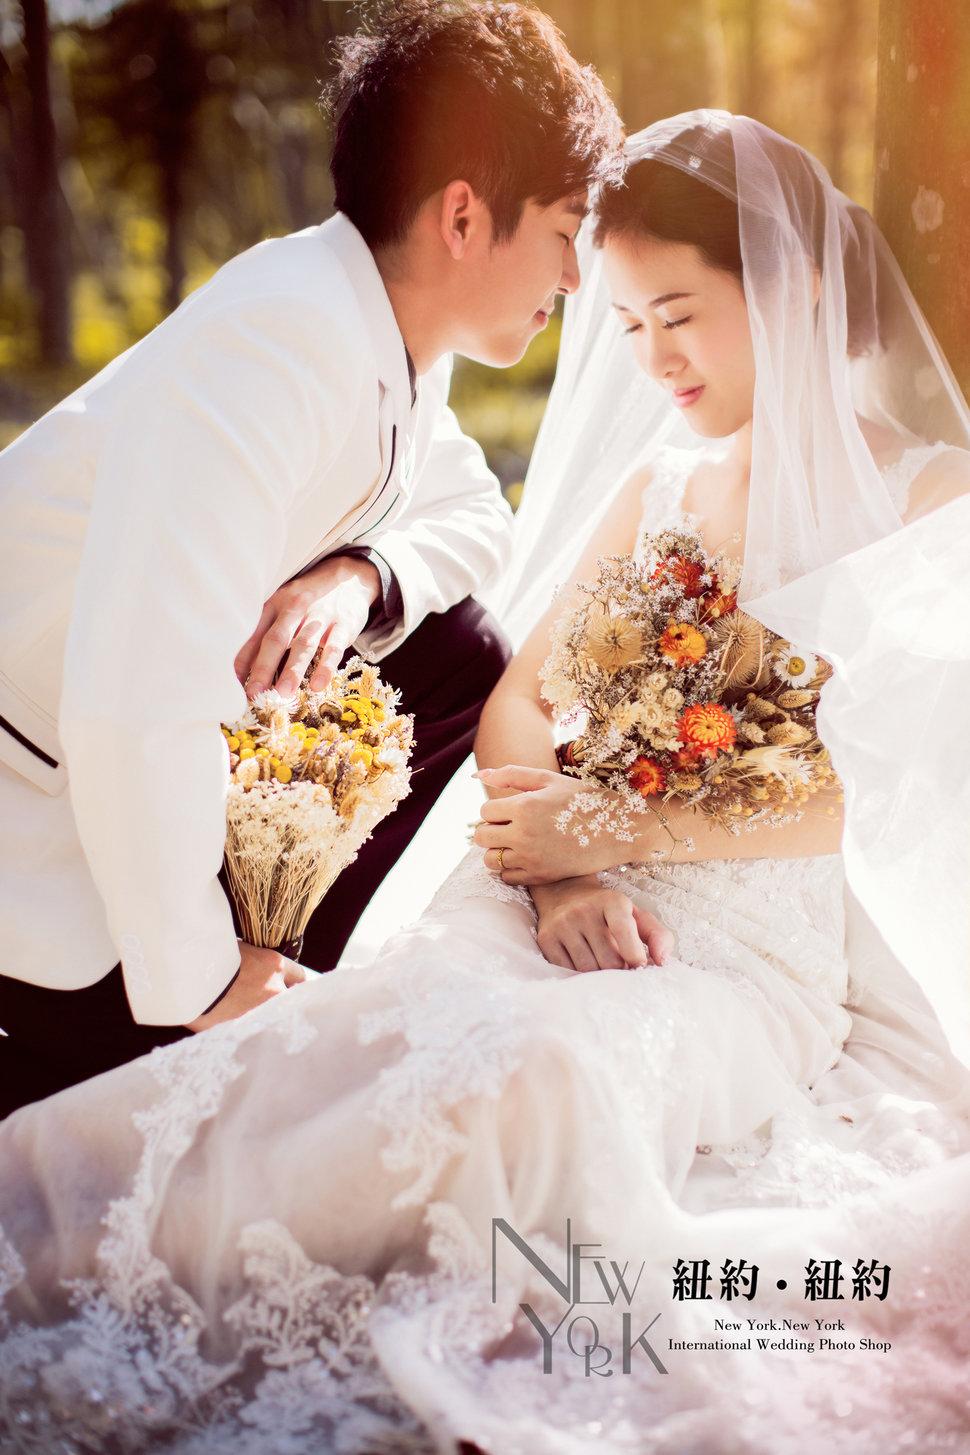 【新人作品│晟皓&妙莉】(編號:431636) - 紐約紐約國際婚紗攝影館 - 嘉義 - 結婚吧